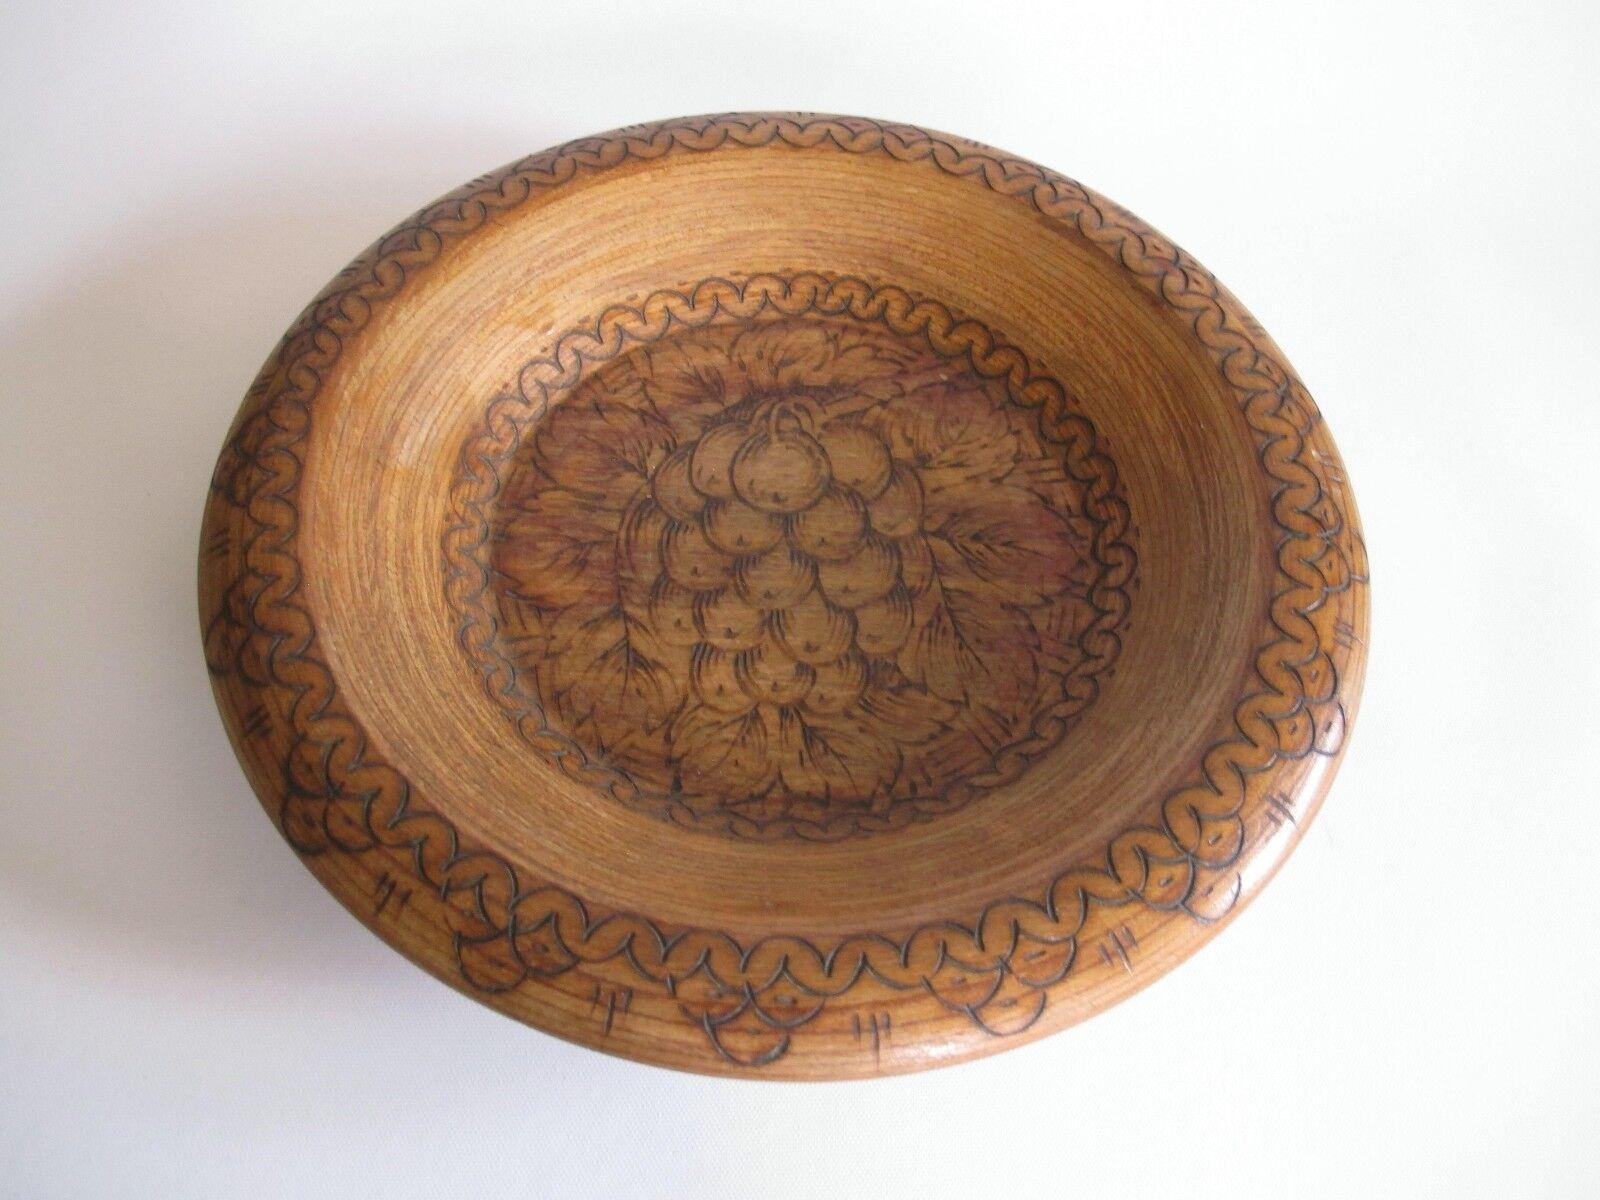 Edel Holz Wand Teller mit Hand Schnitzereien 25 cm Durchmesser 0,6 kg